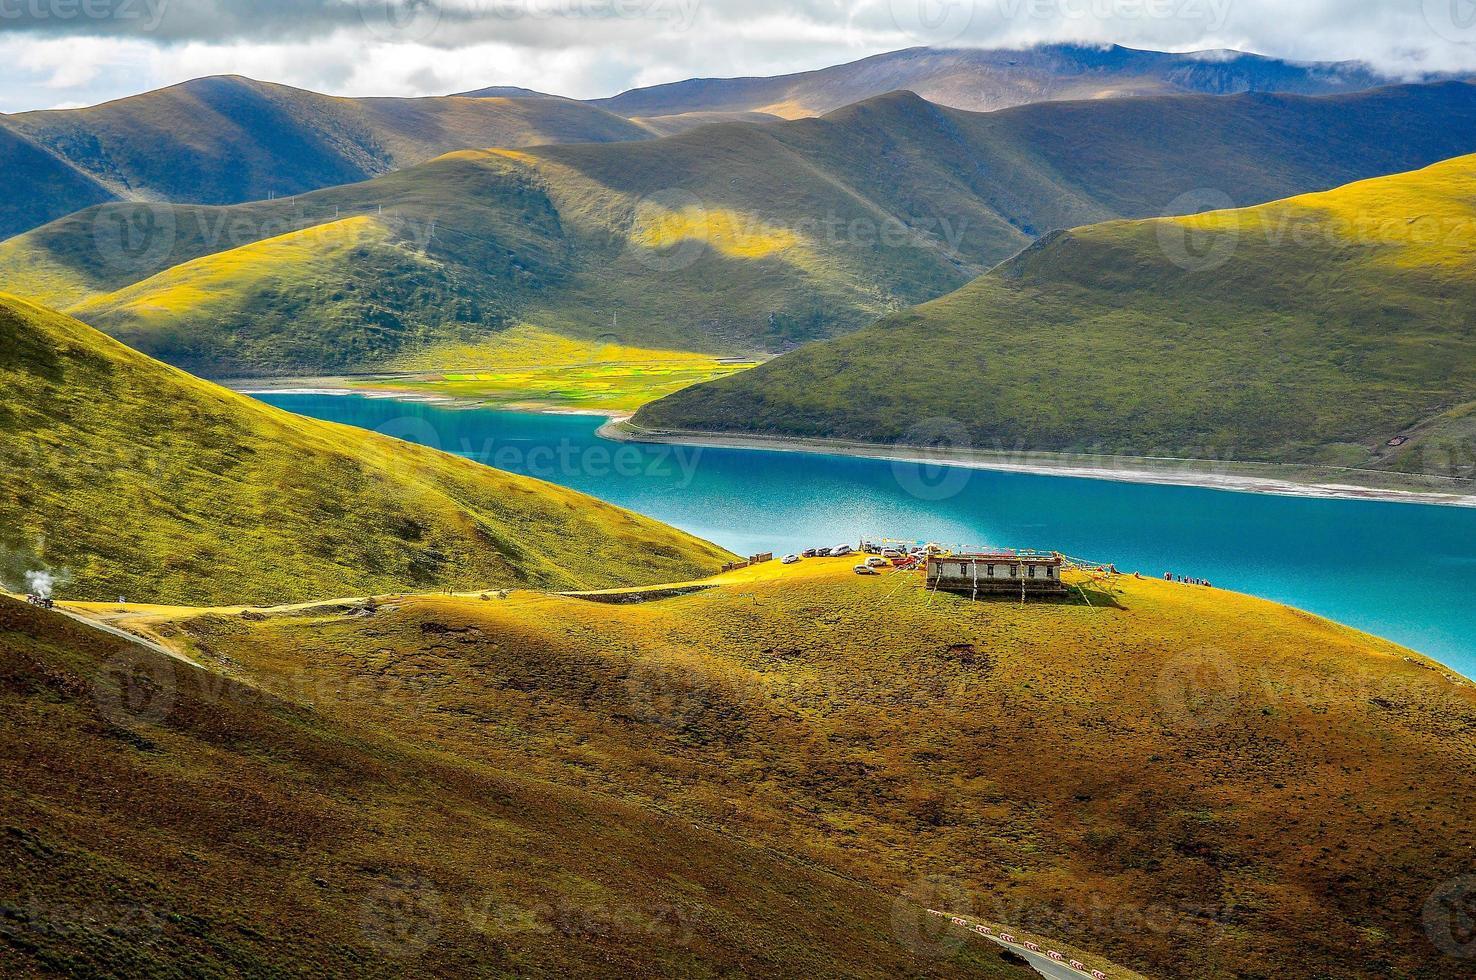 Herbst in Tibet foto